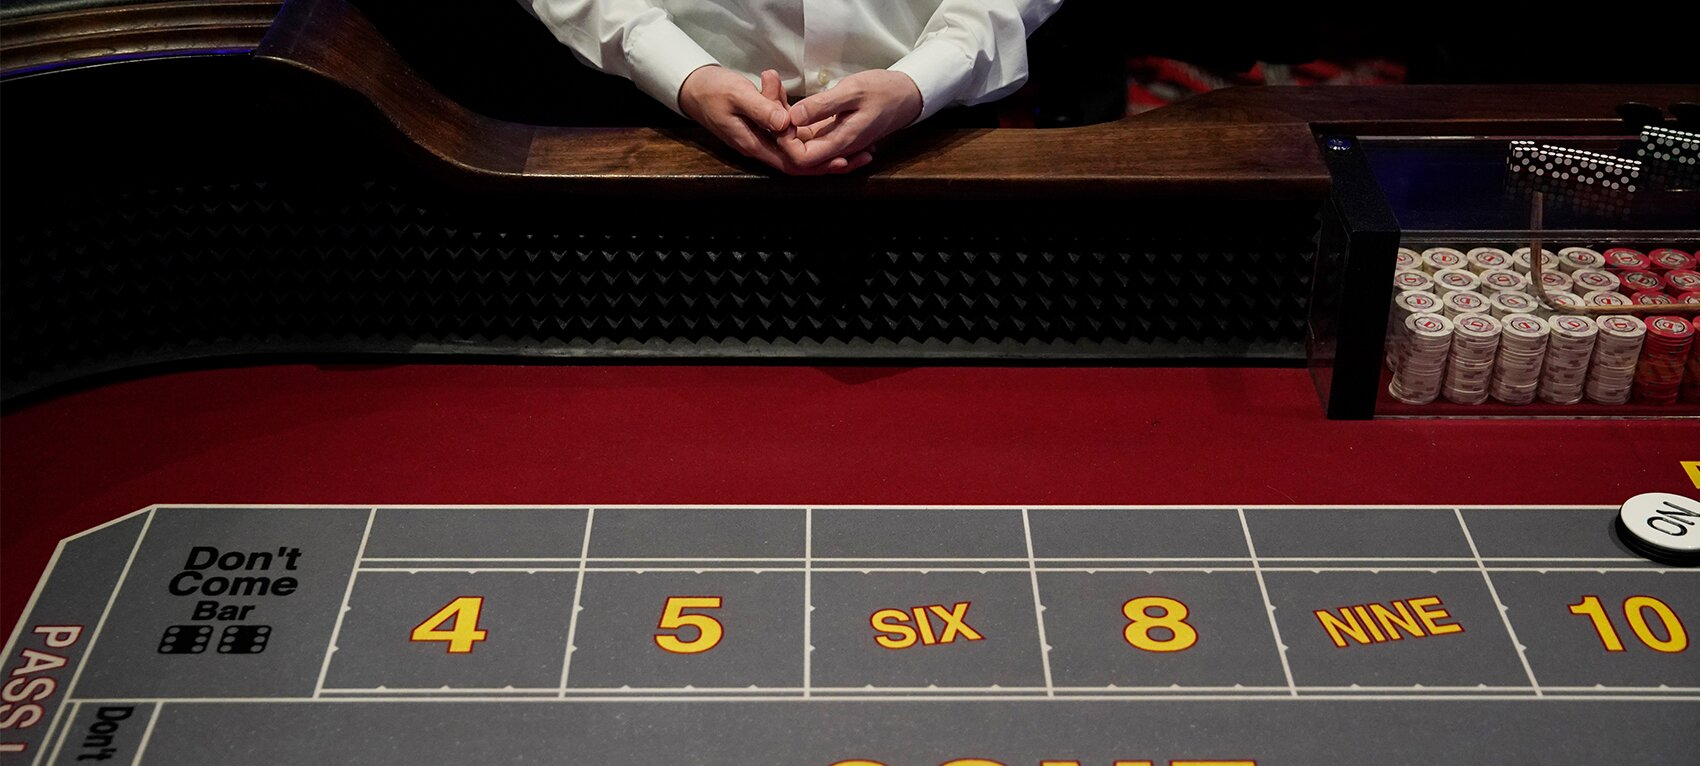 https://www.gambleonline.co/app/uploads/2021/04/casino-dealer-1.jpg